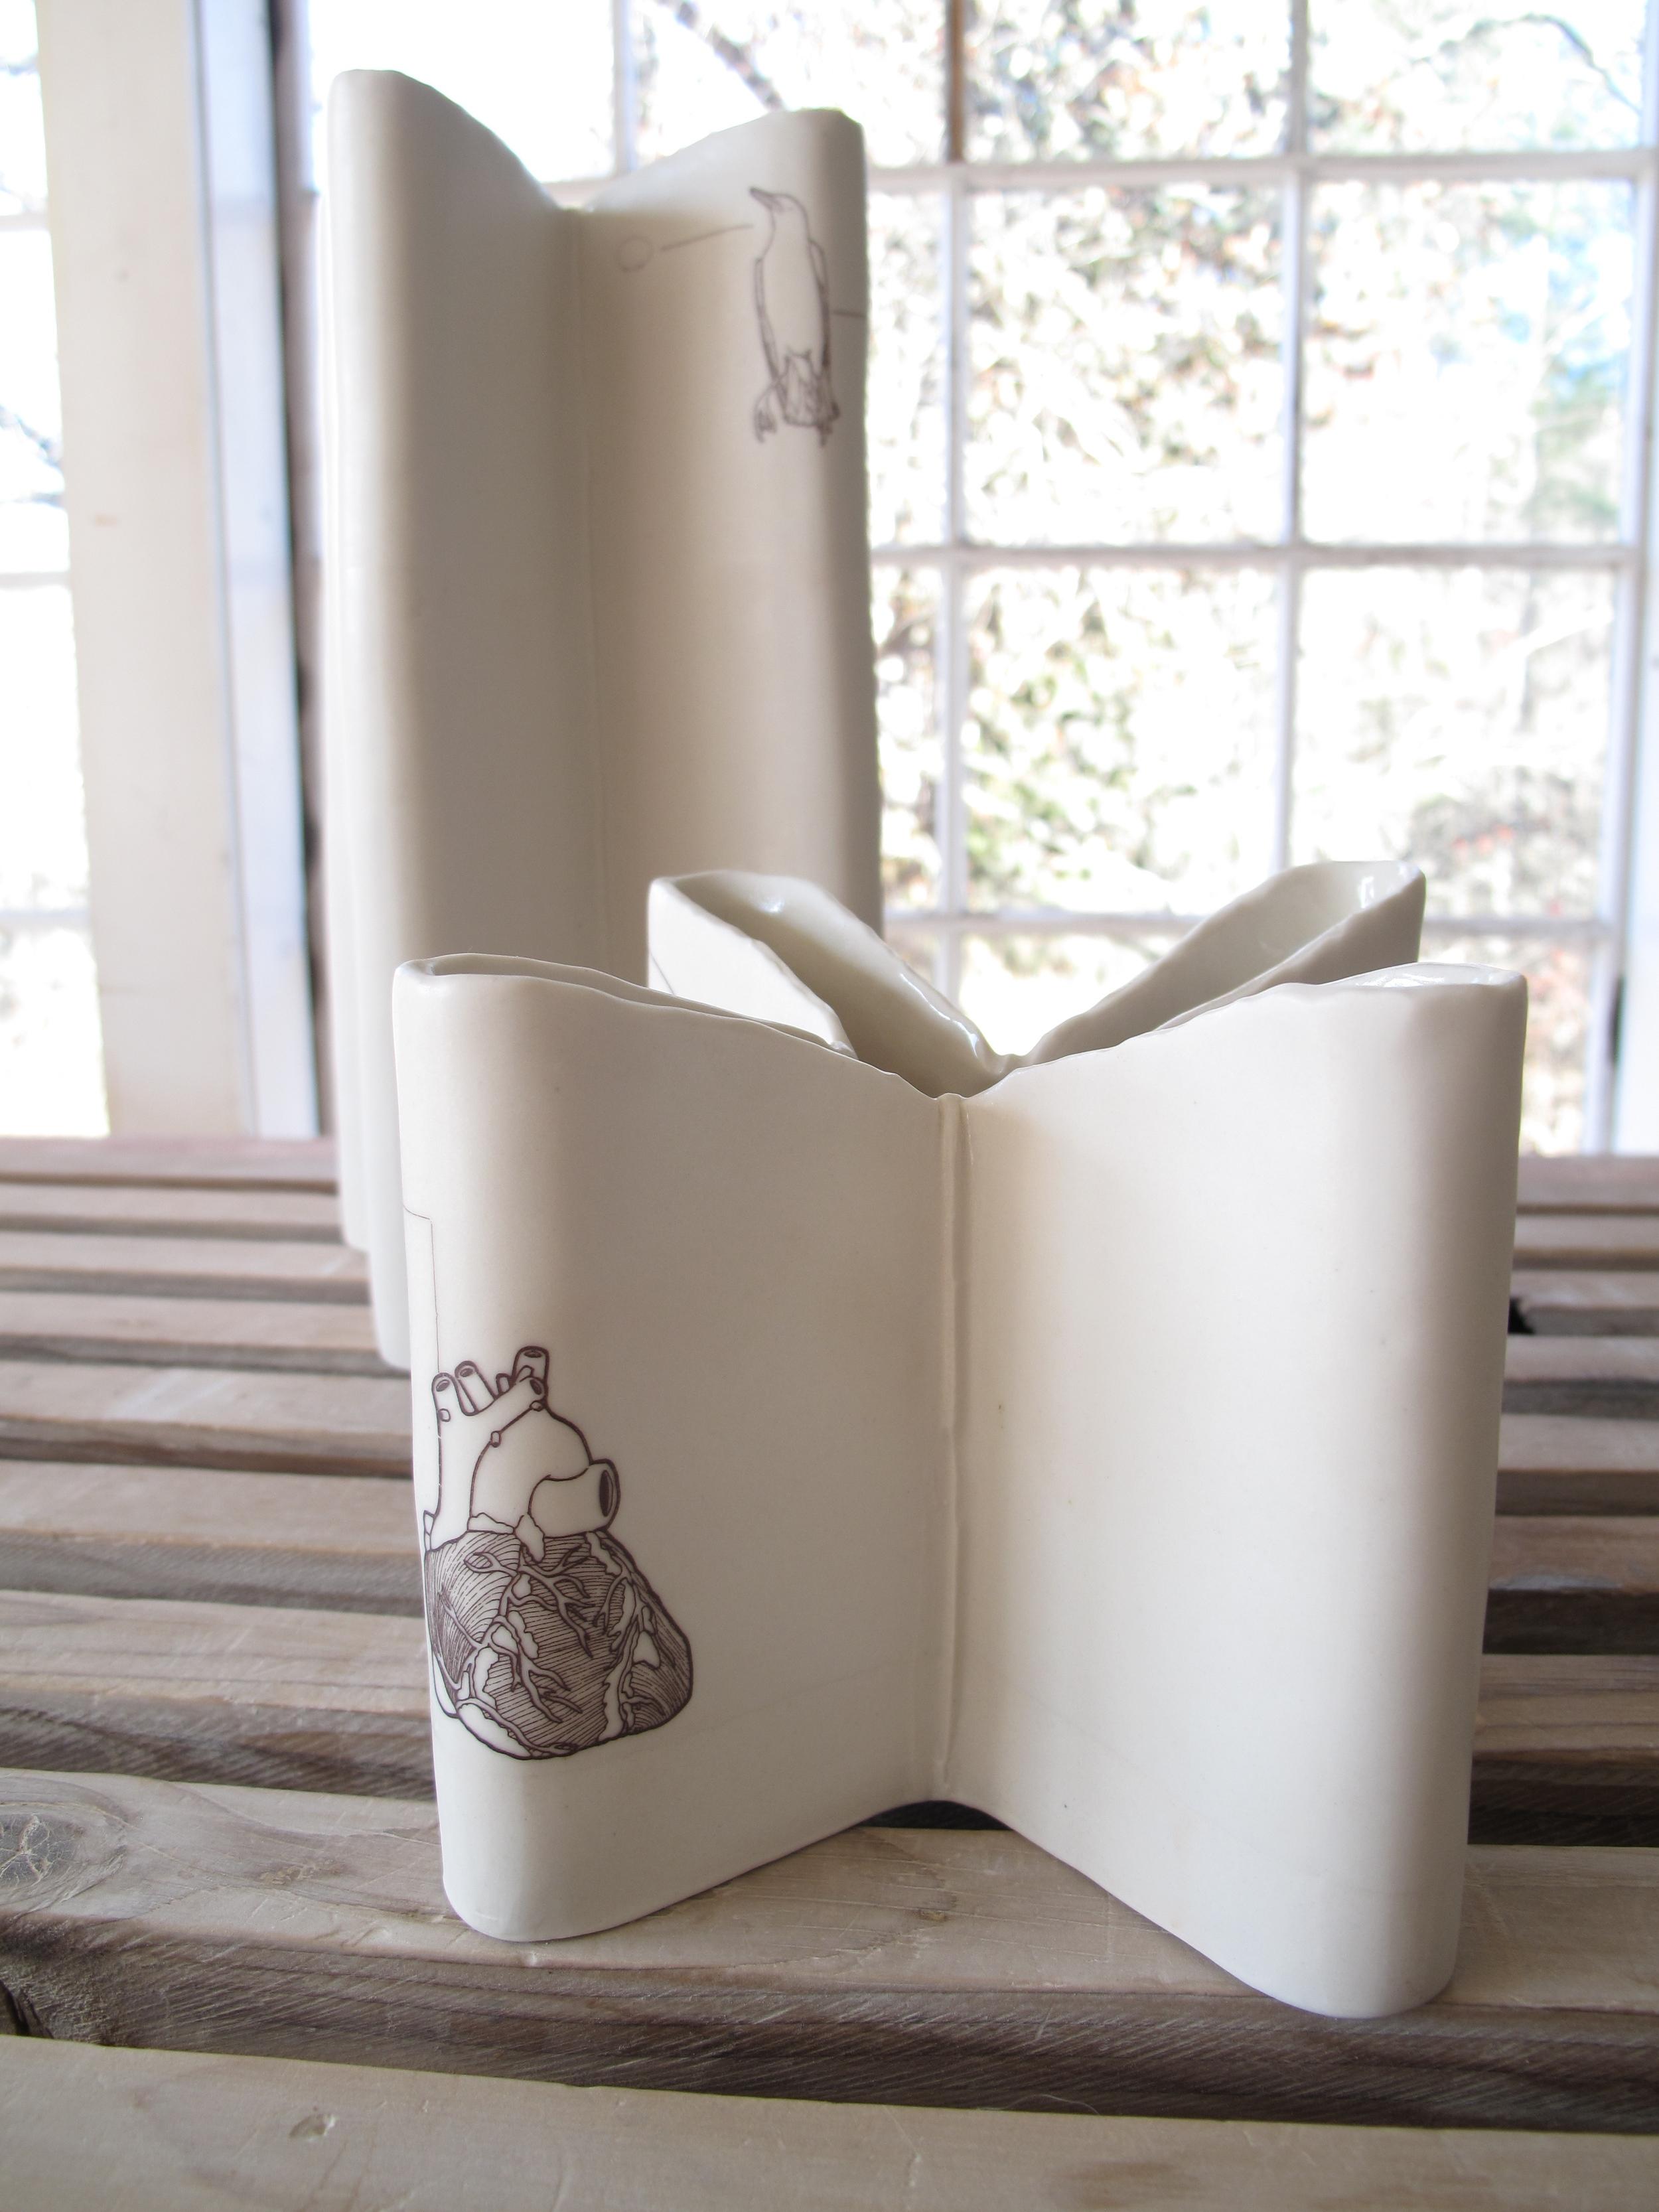 Plus Vase Breve with Heart (6 x 6 x 6)